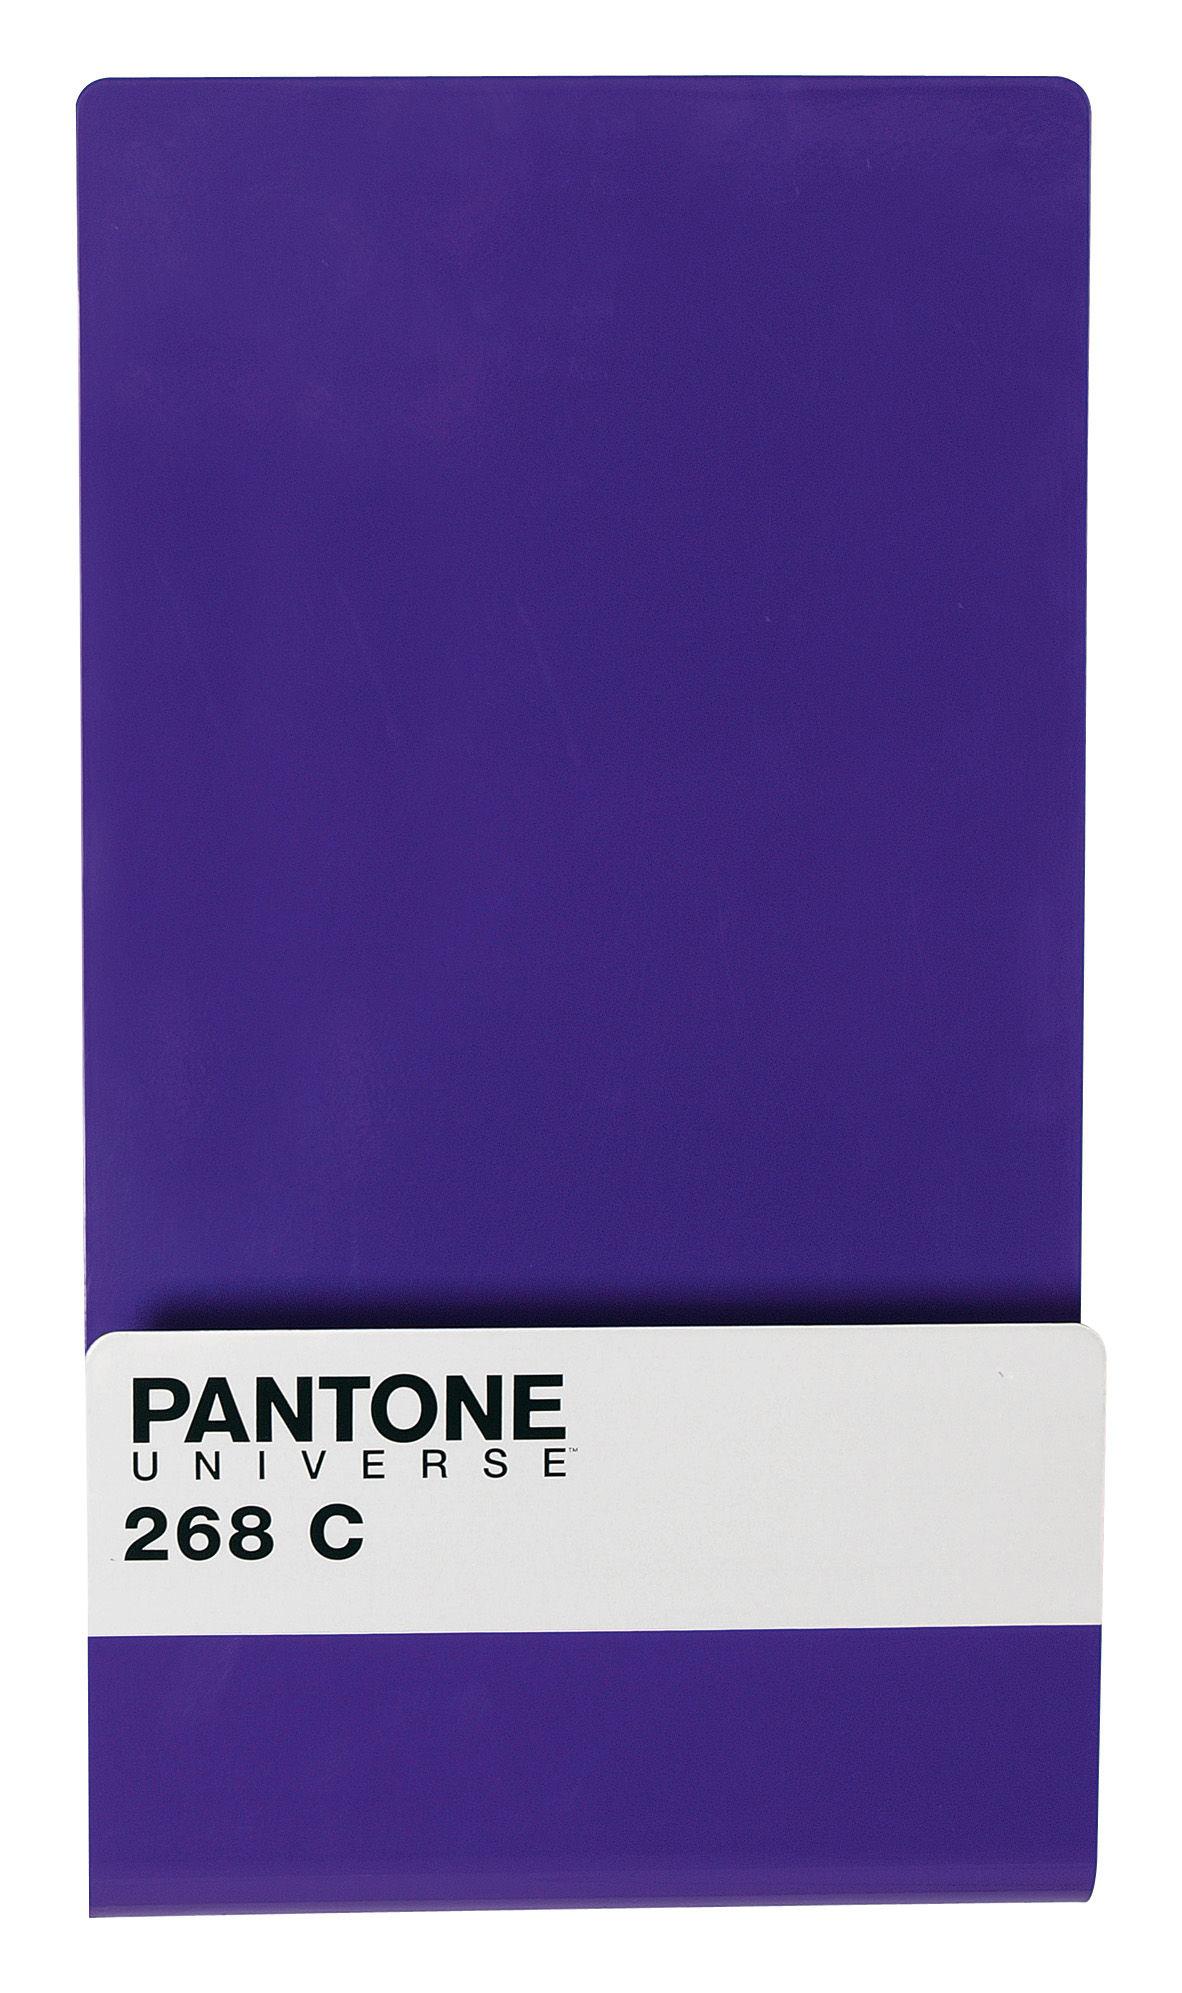 Déco - Accessoires bureau - Porte-revues Pantone / Tableau magnétique + 6 aimants - Seletti - 268C - Violet royal - Métal